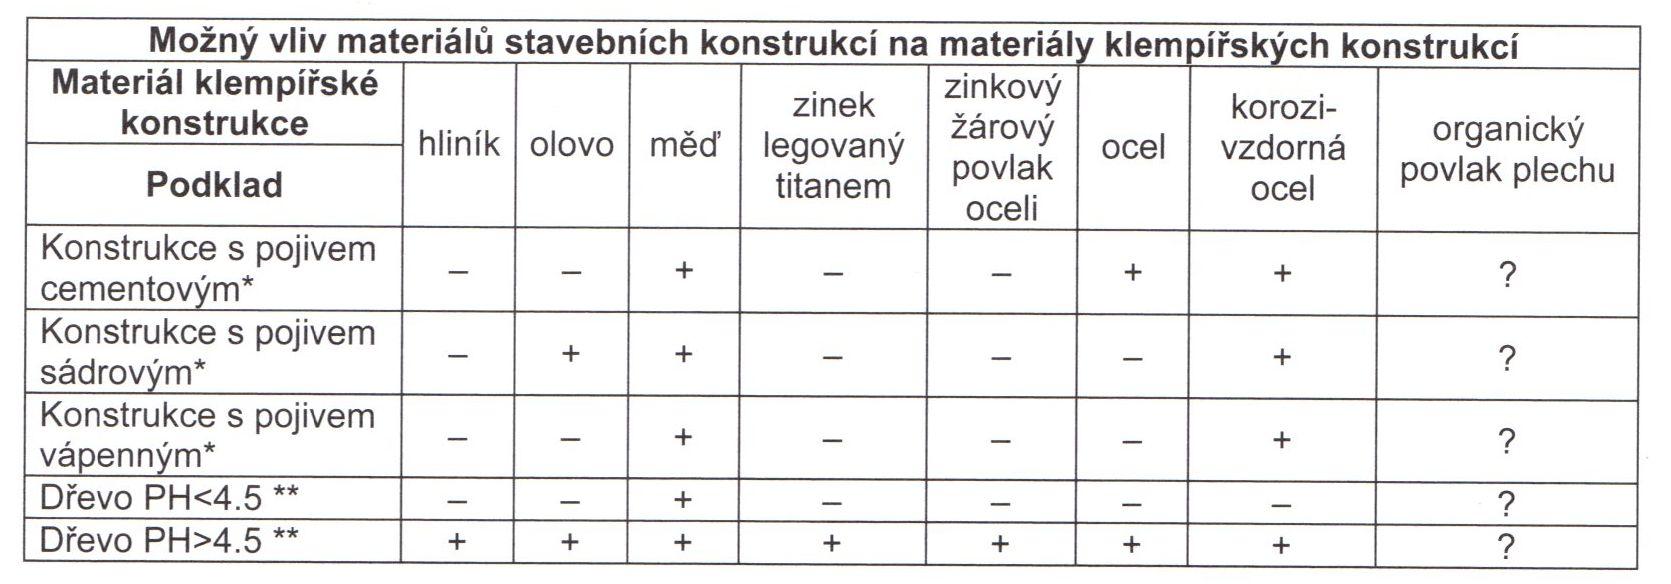 Vliv materiálů stavebních konstrukcí na materiály klempířských konstrukcí